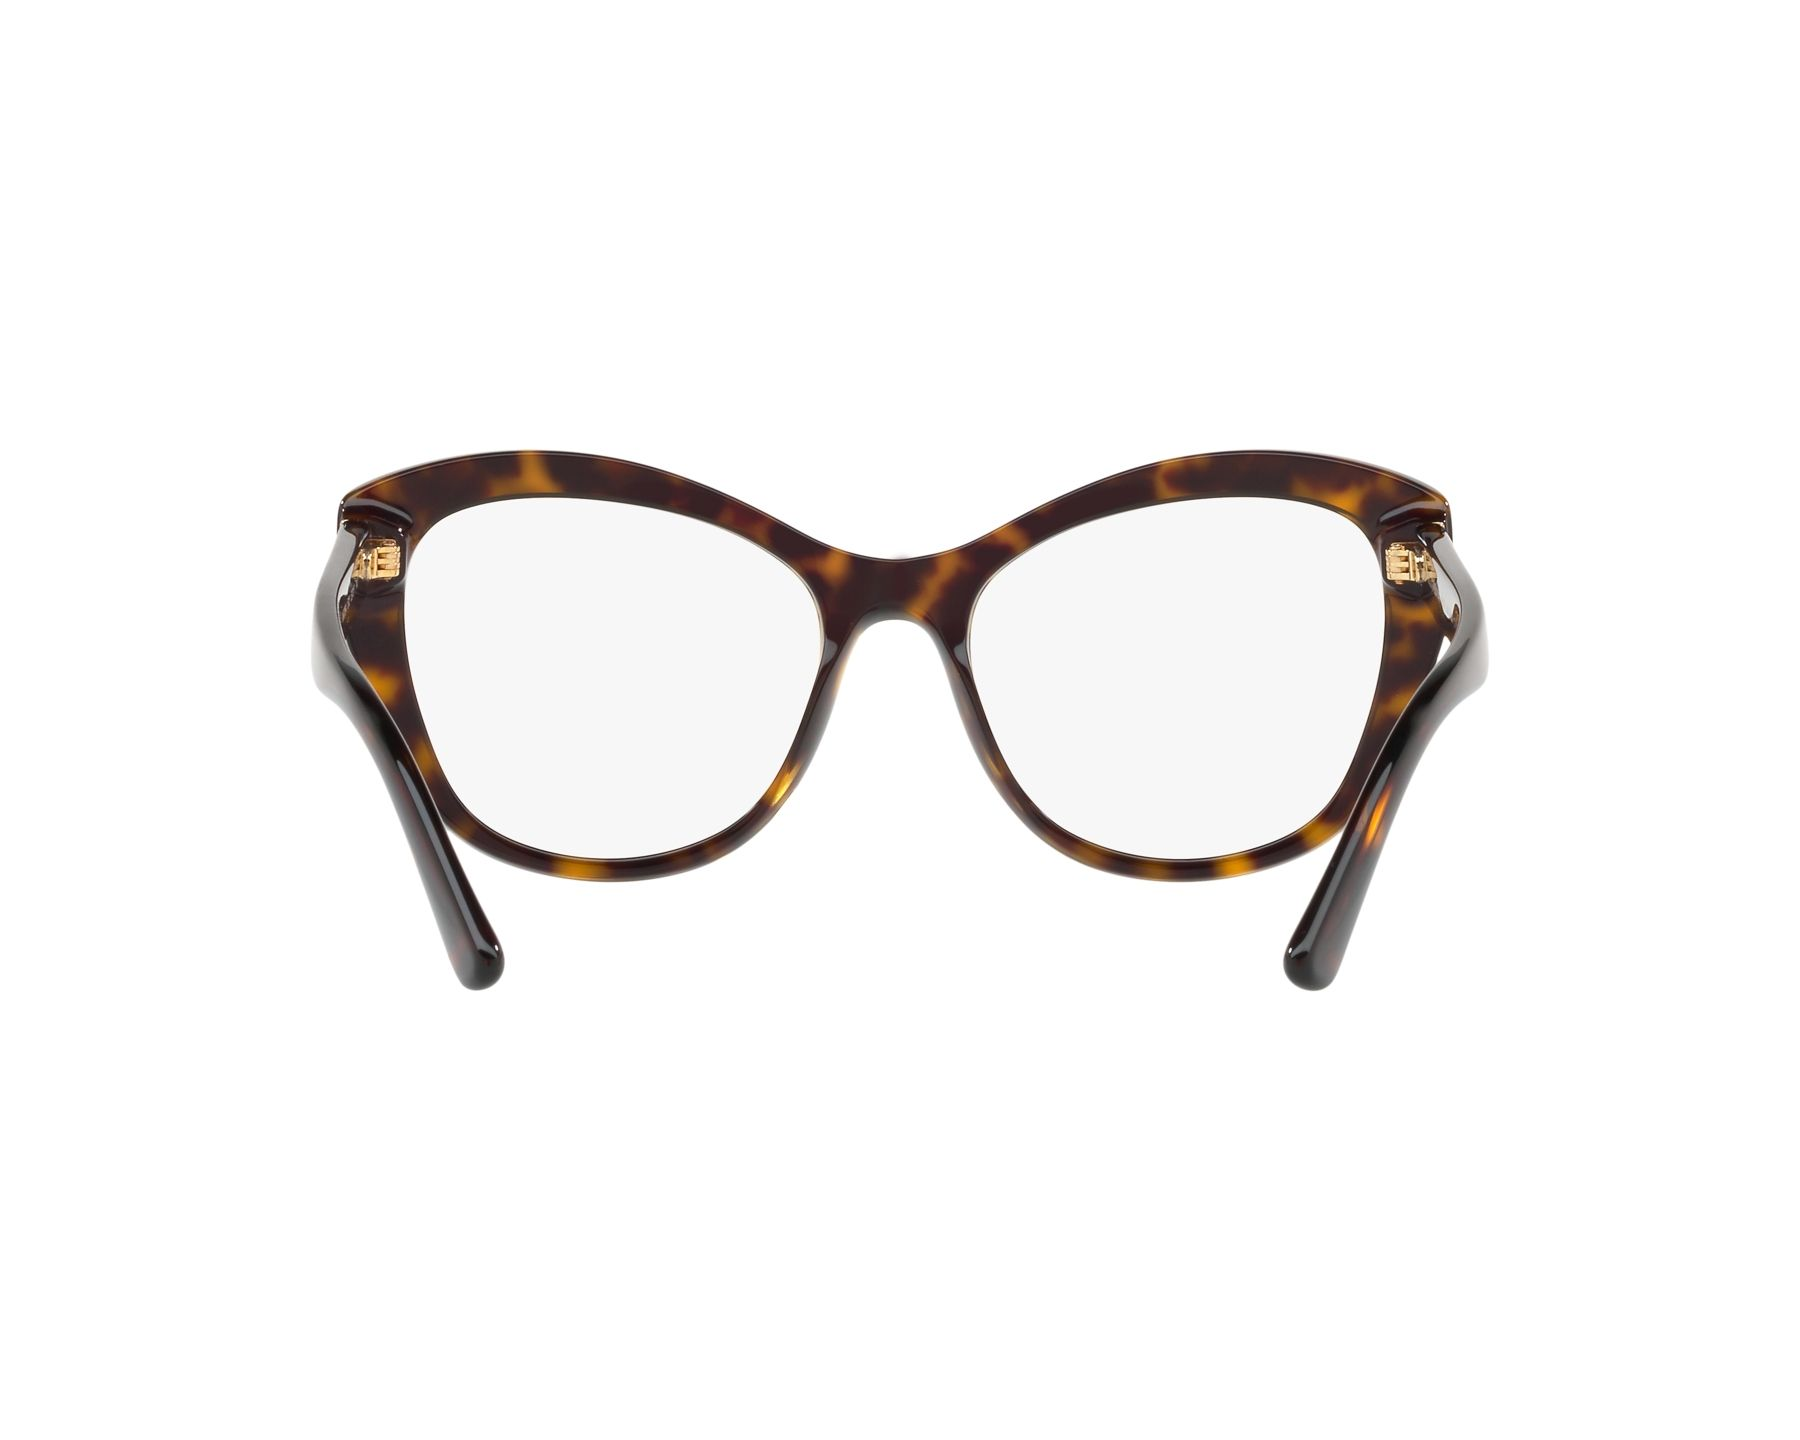 dolce gabbana brille dg 3284 502 havana visionet. Black Bedroom Furniture Sets. Home Design Ideas